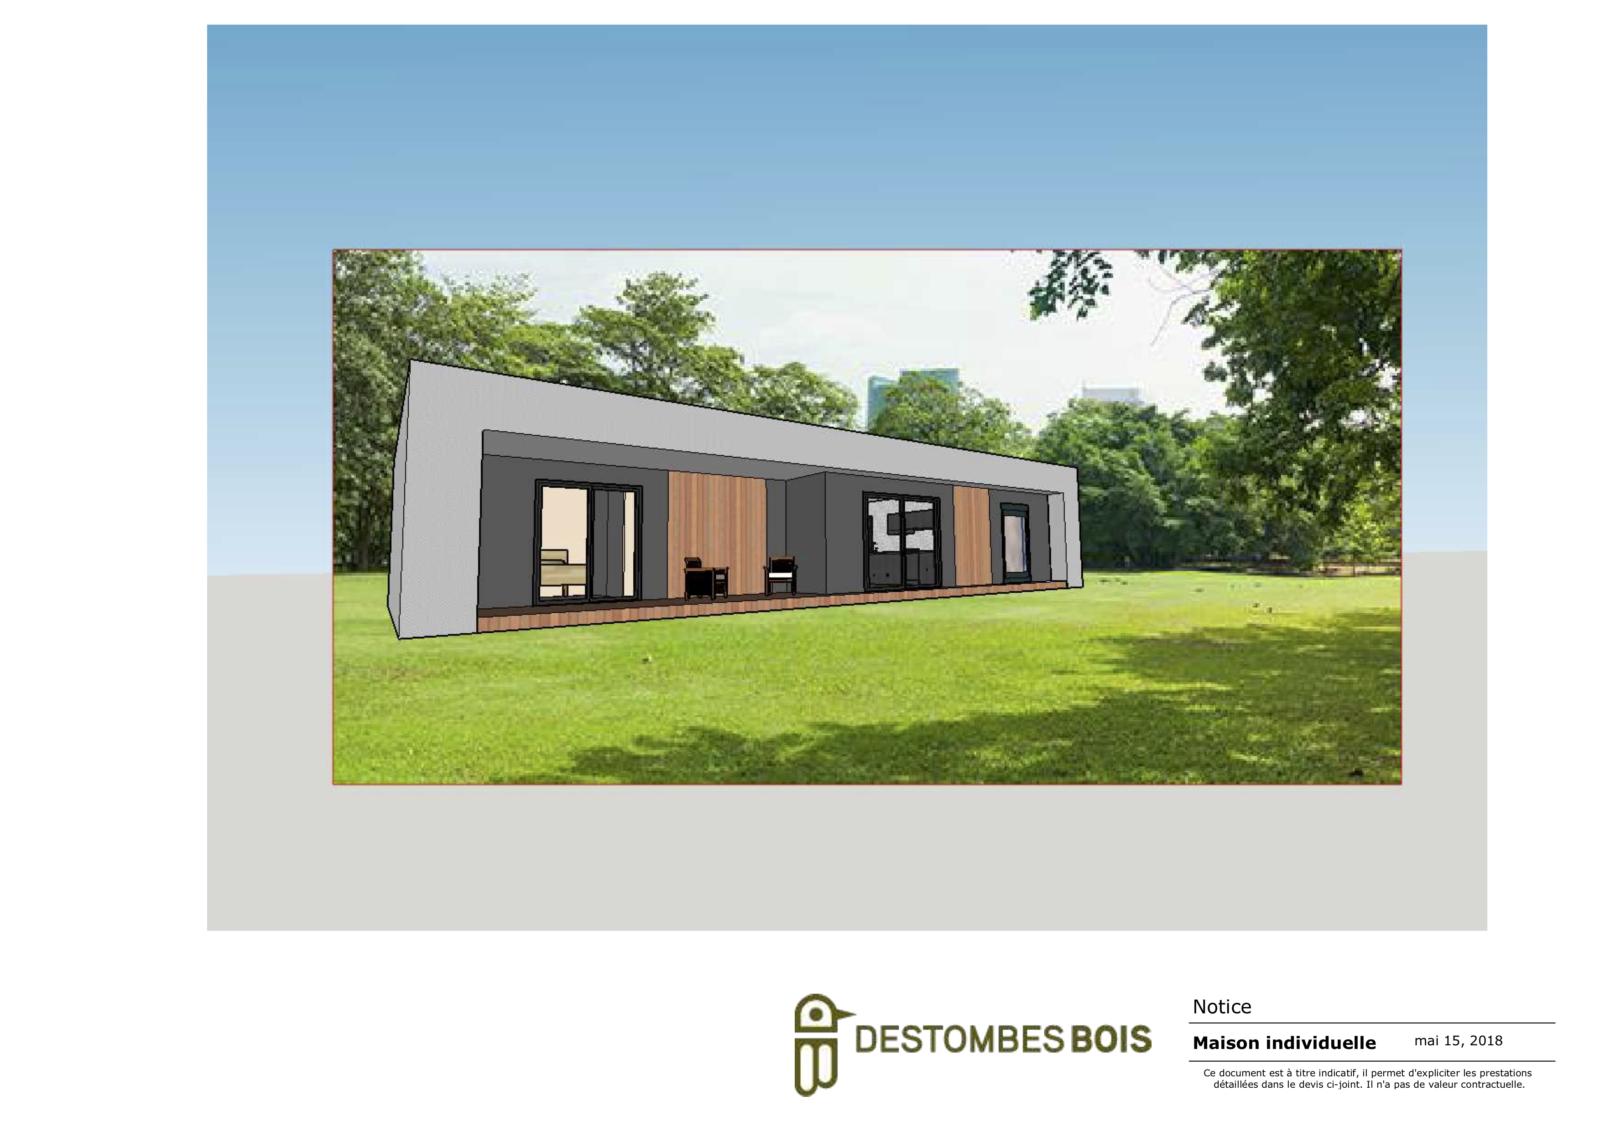 Maison contemporaine avec terrasse couverte | Habitat Destombes